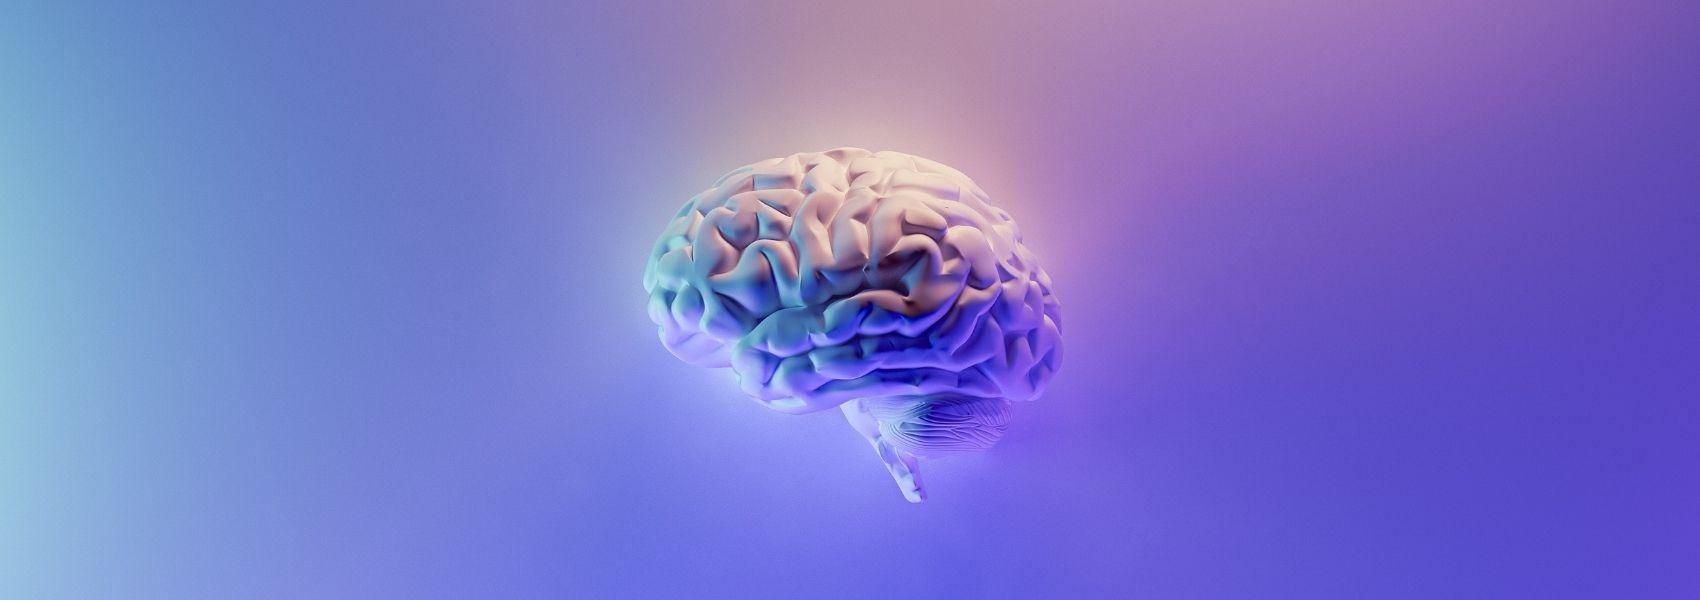 O coronavírus não infeta o cérebro, mas provoca muitos danos